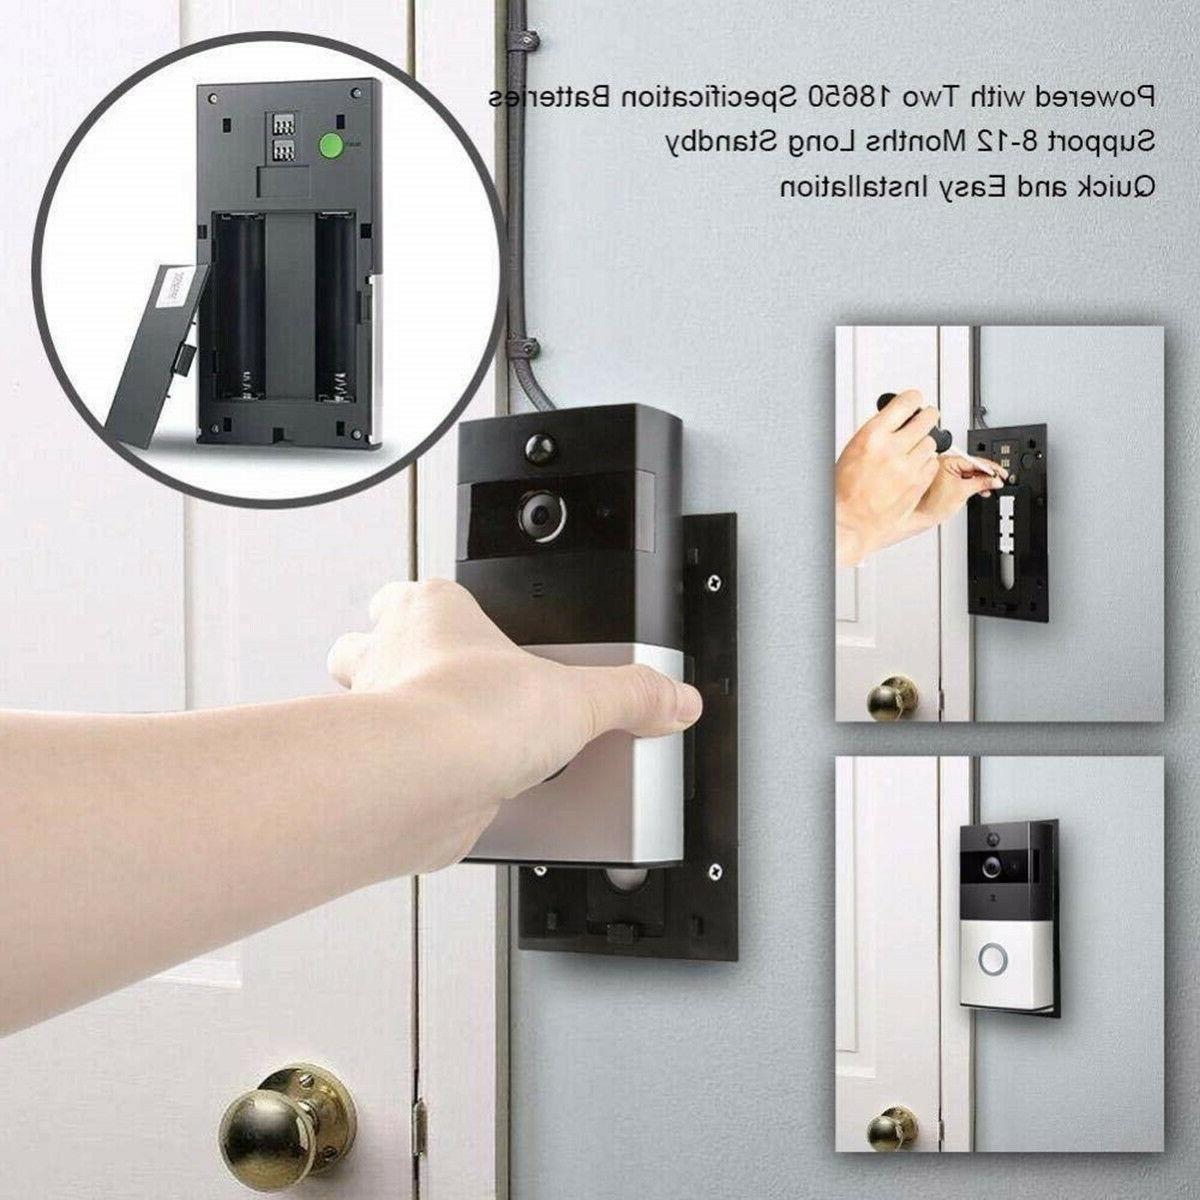 Home Pro WiFi Smart Phone 720P DoorBell Camera Door Detection